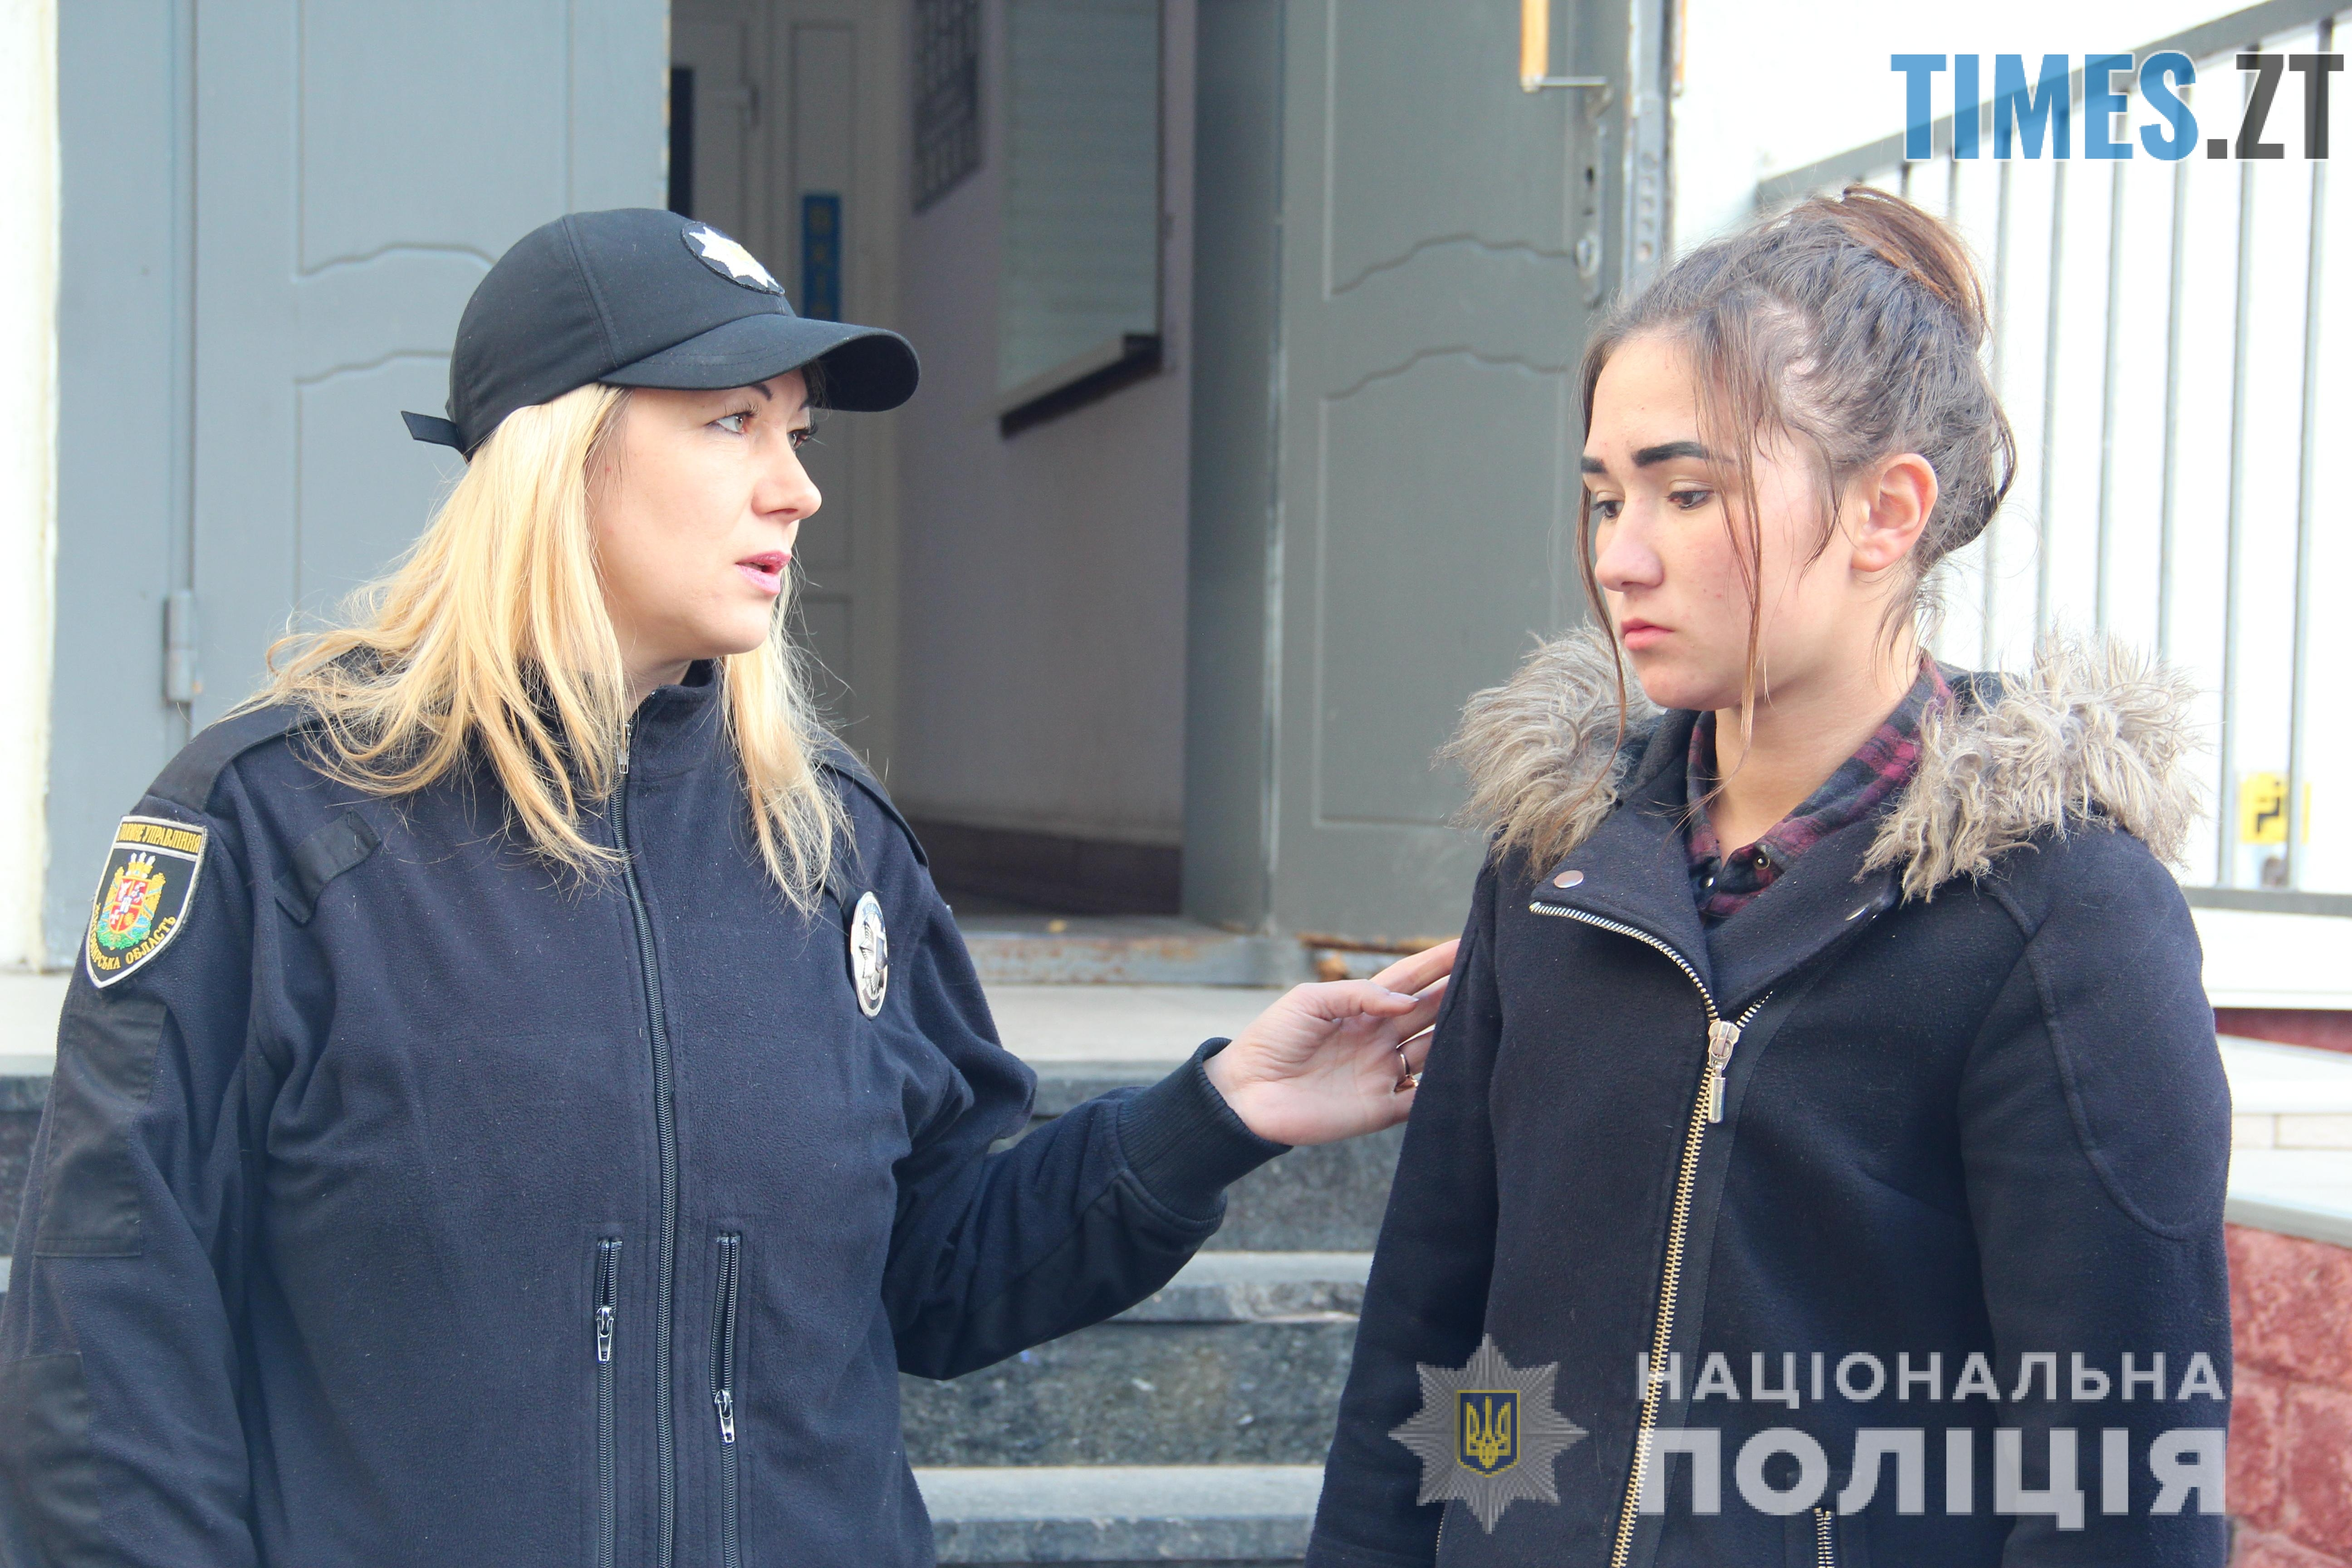 IMG 2671 - 16-річну дівчину, яка зникла в Житомирі, знайшли: поки її шукали, вона перебувала у знайомих